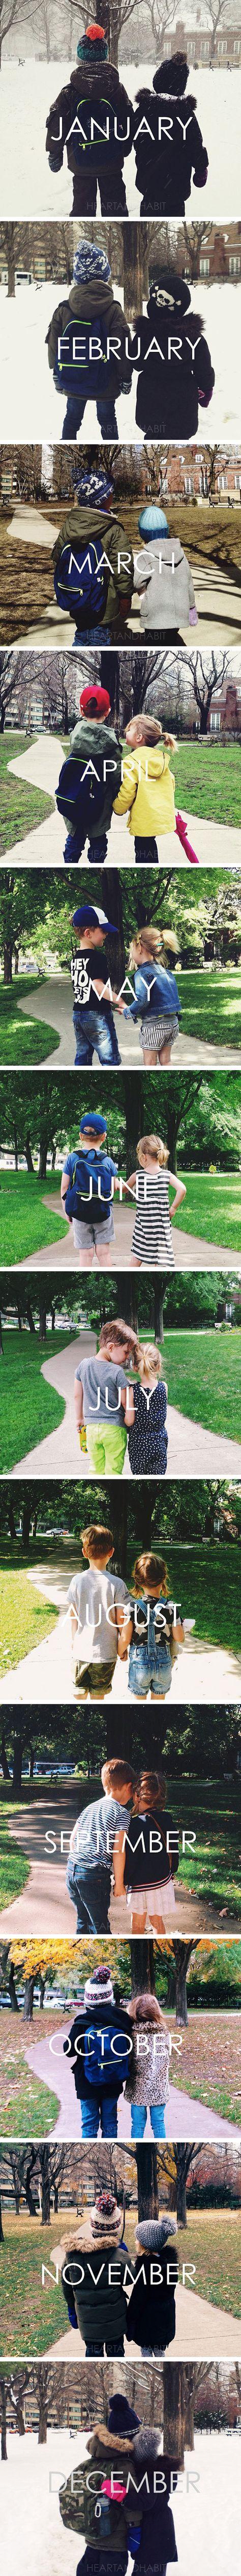 Wenn ich mal Kinder habe.... Das ist eine süße Idee. Daraus kann man zb einen Kalender machen